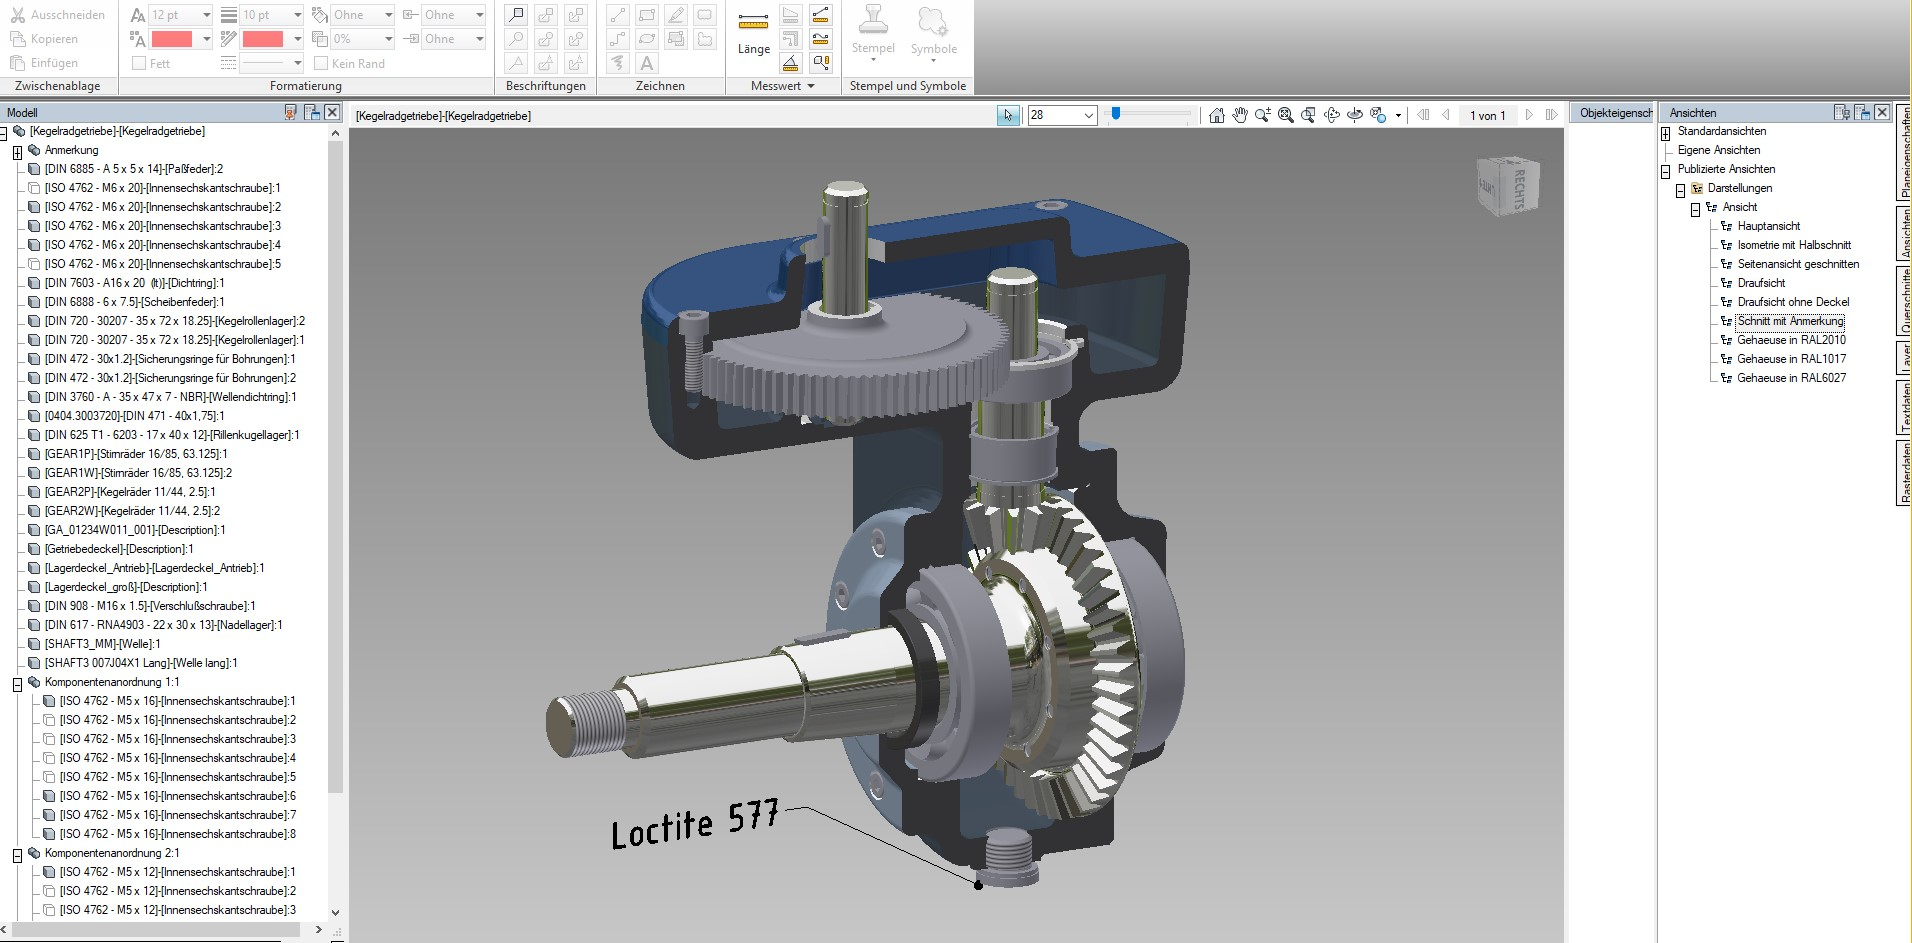 Querschnitt Kegelradgetriebe DWFx-Datei Autodesk Design Review